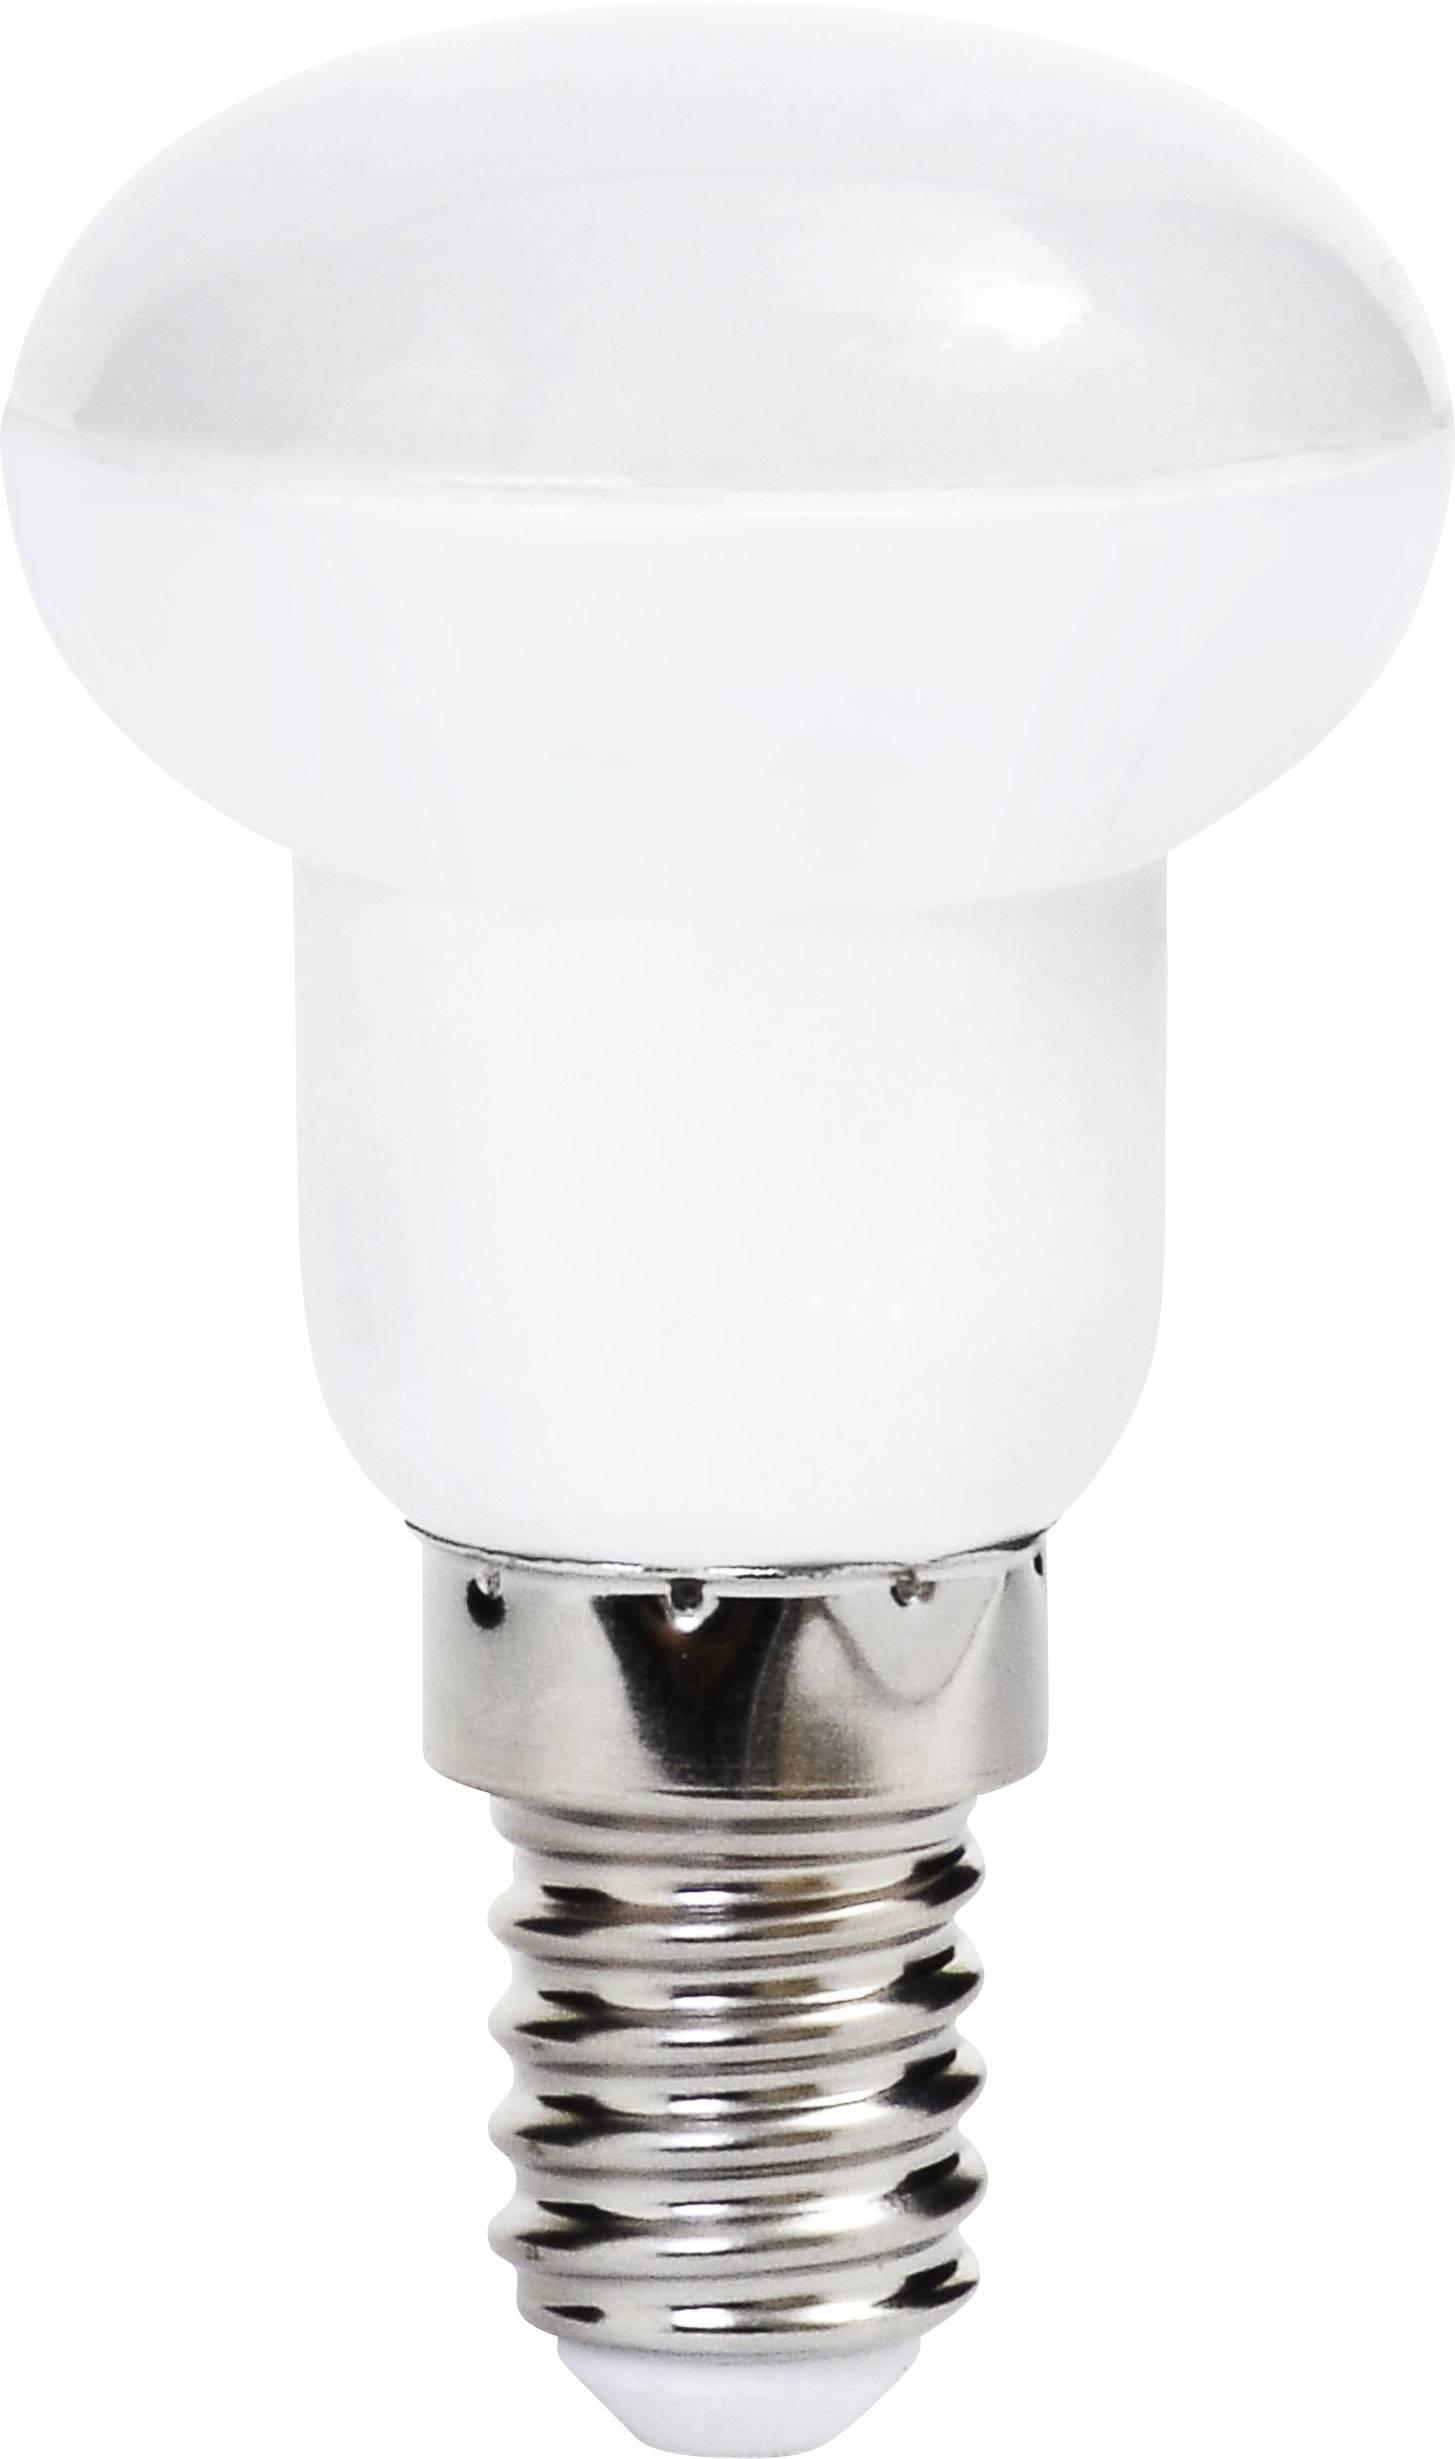 LED žárovka Müller Licht 400068 230 V, E14, 3 W = 21 W, teplá bílá, A+ (A++ - E), reflektor, 1 ks